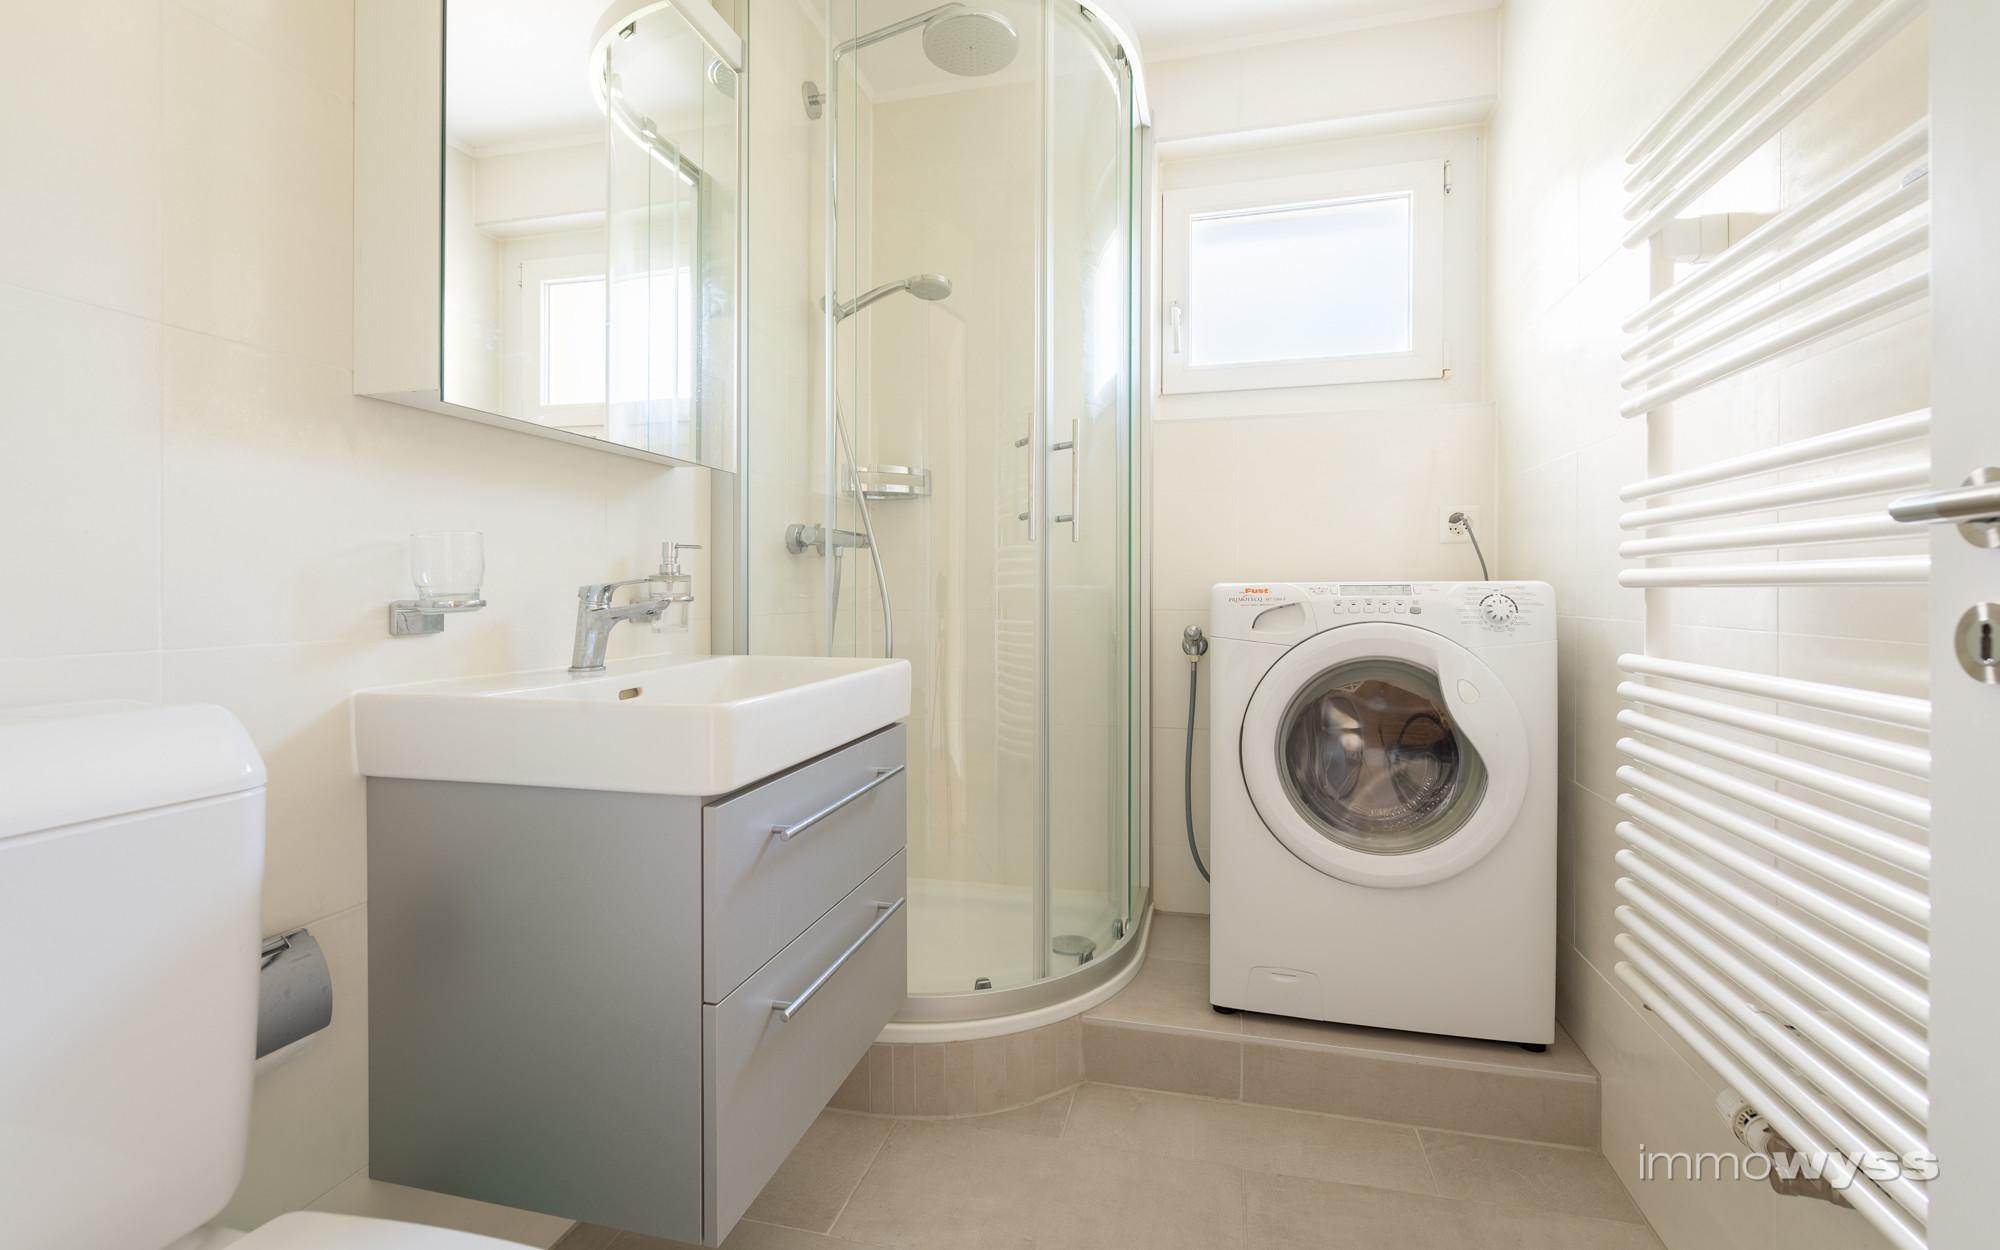 Badezimmer mit eigener Waschmaschine